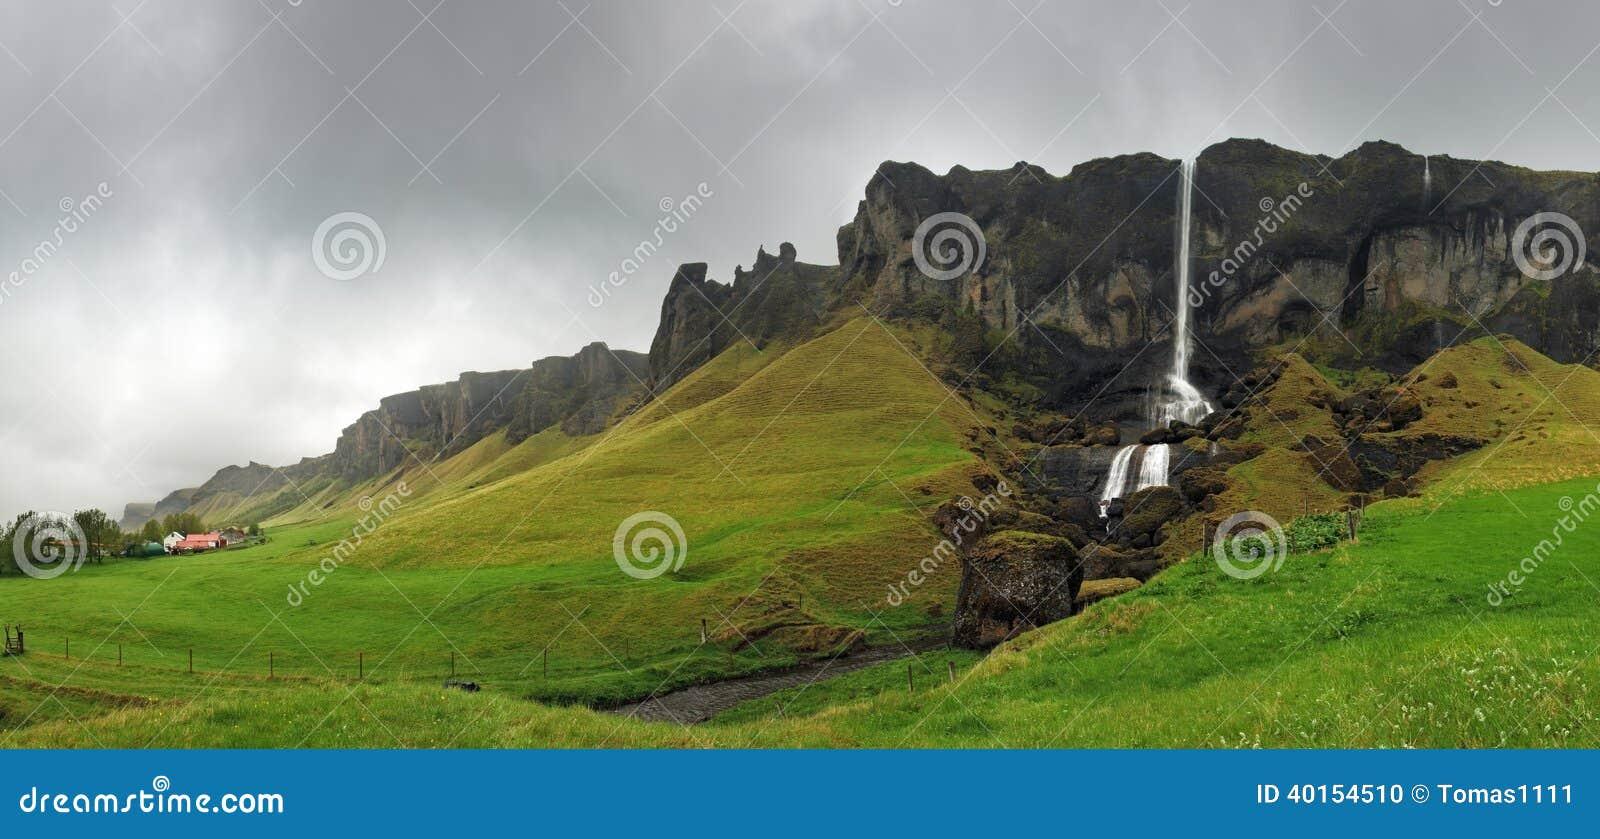 Paisagem da cachoeira, Islândia do sudeste - panorama